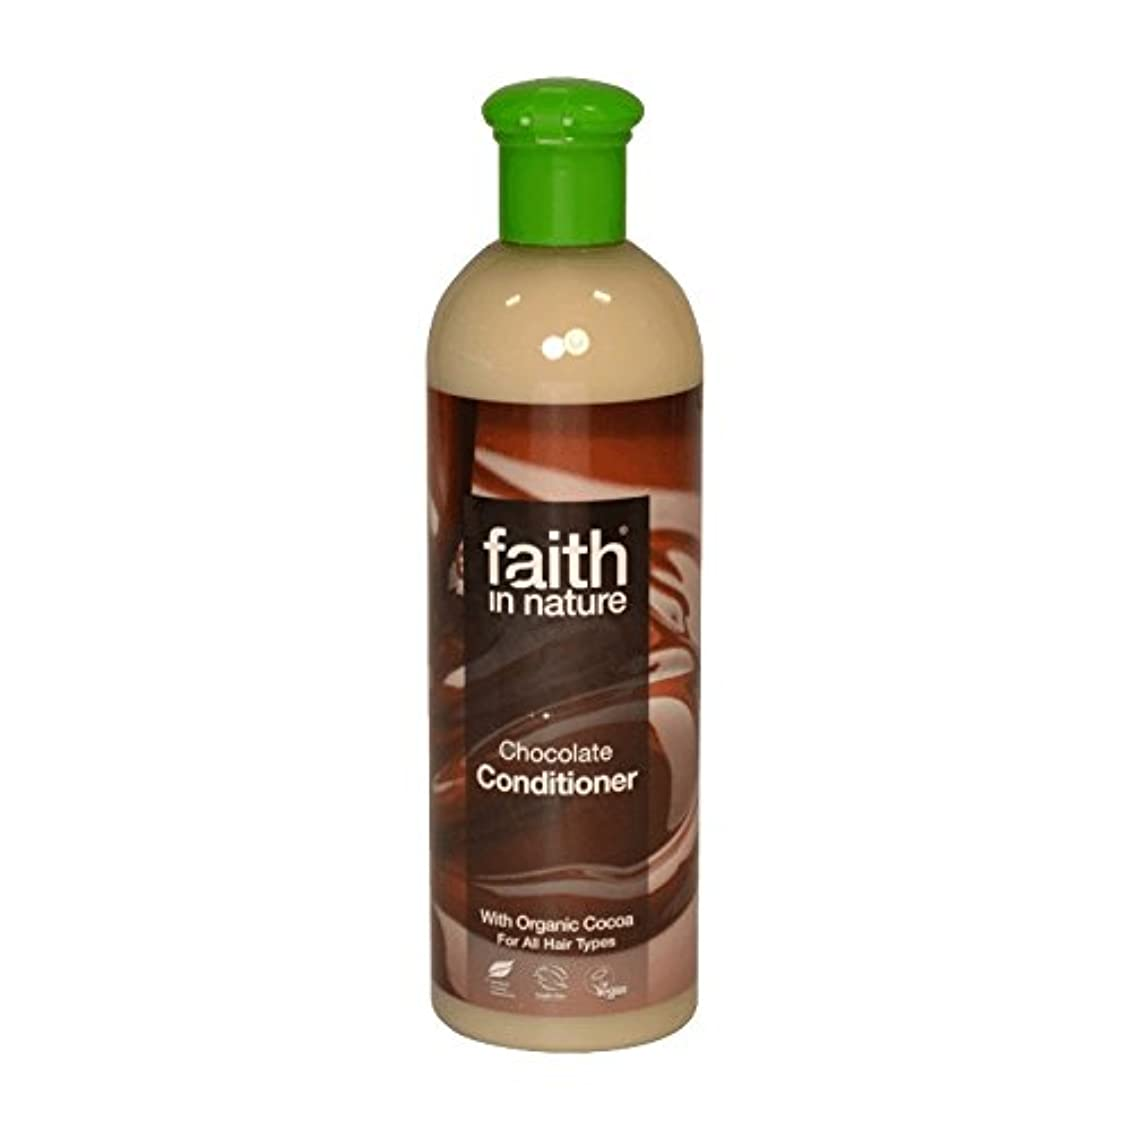 バイバイ買い手寸前Faith In Nature Chocolate Conditioner 400ml (Pack of 6) - 自然チョコレートコンディショナー400ミリリットルの信仰 (x6) [並行輸入品]